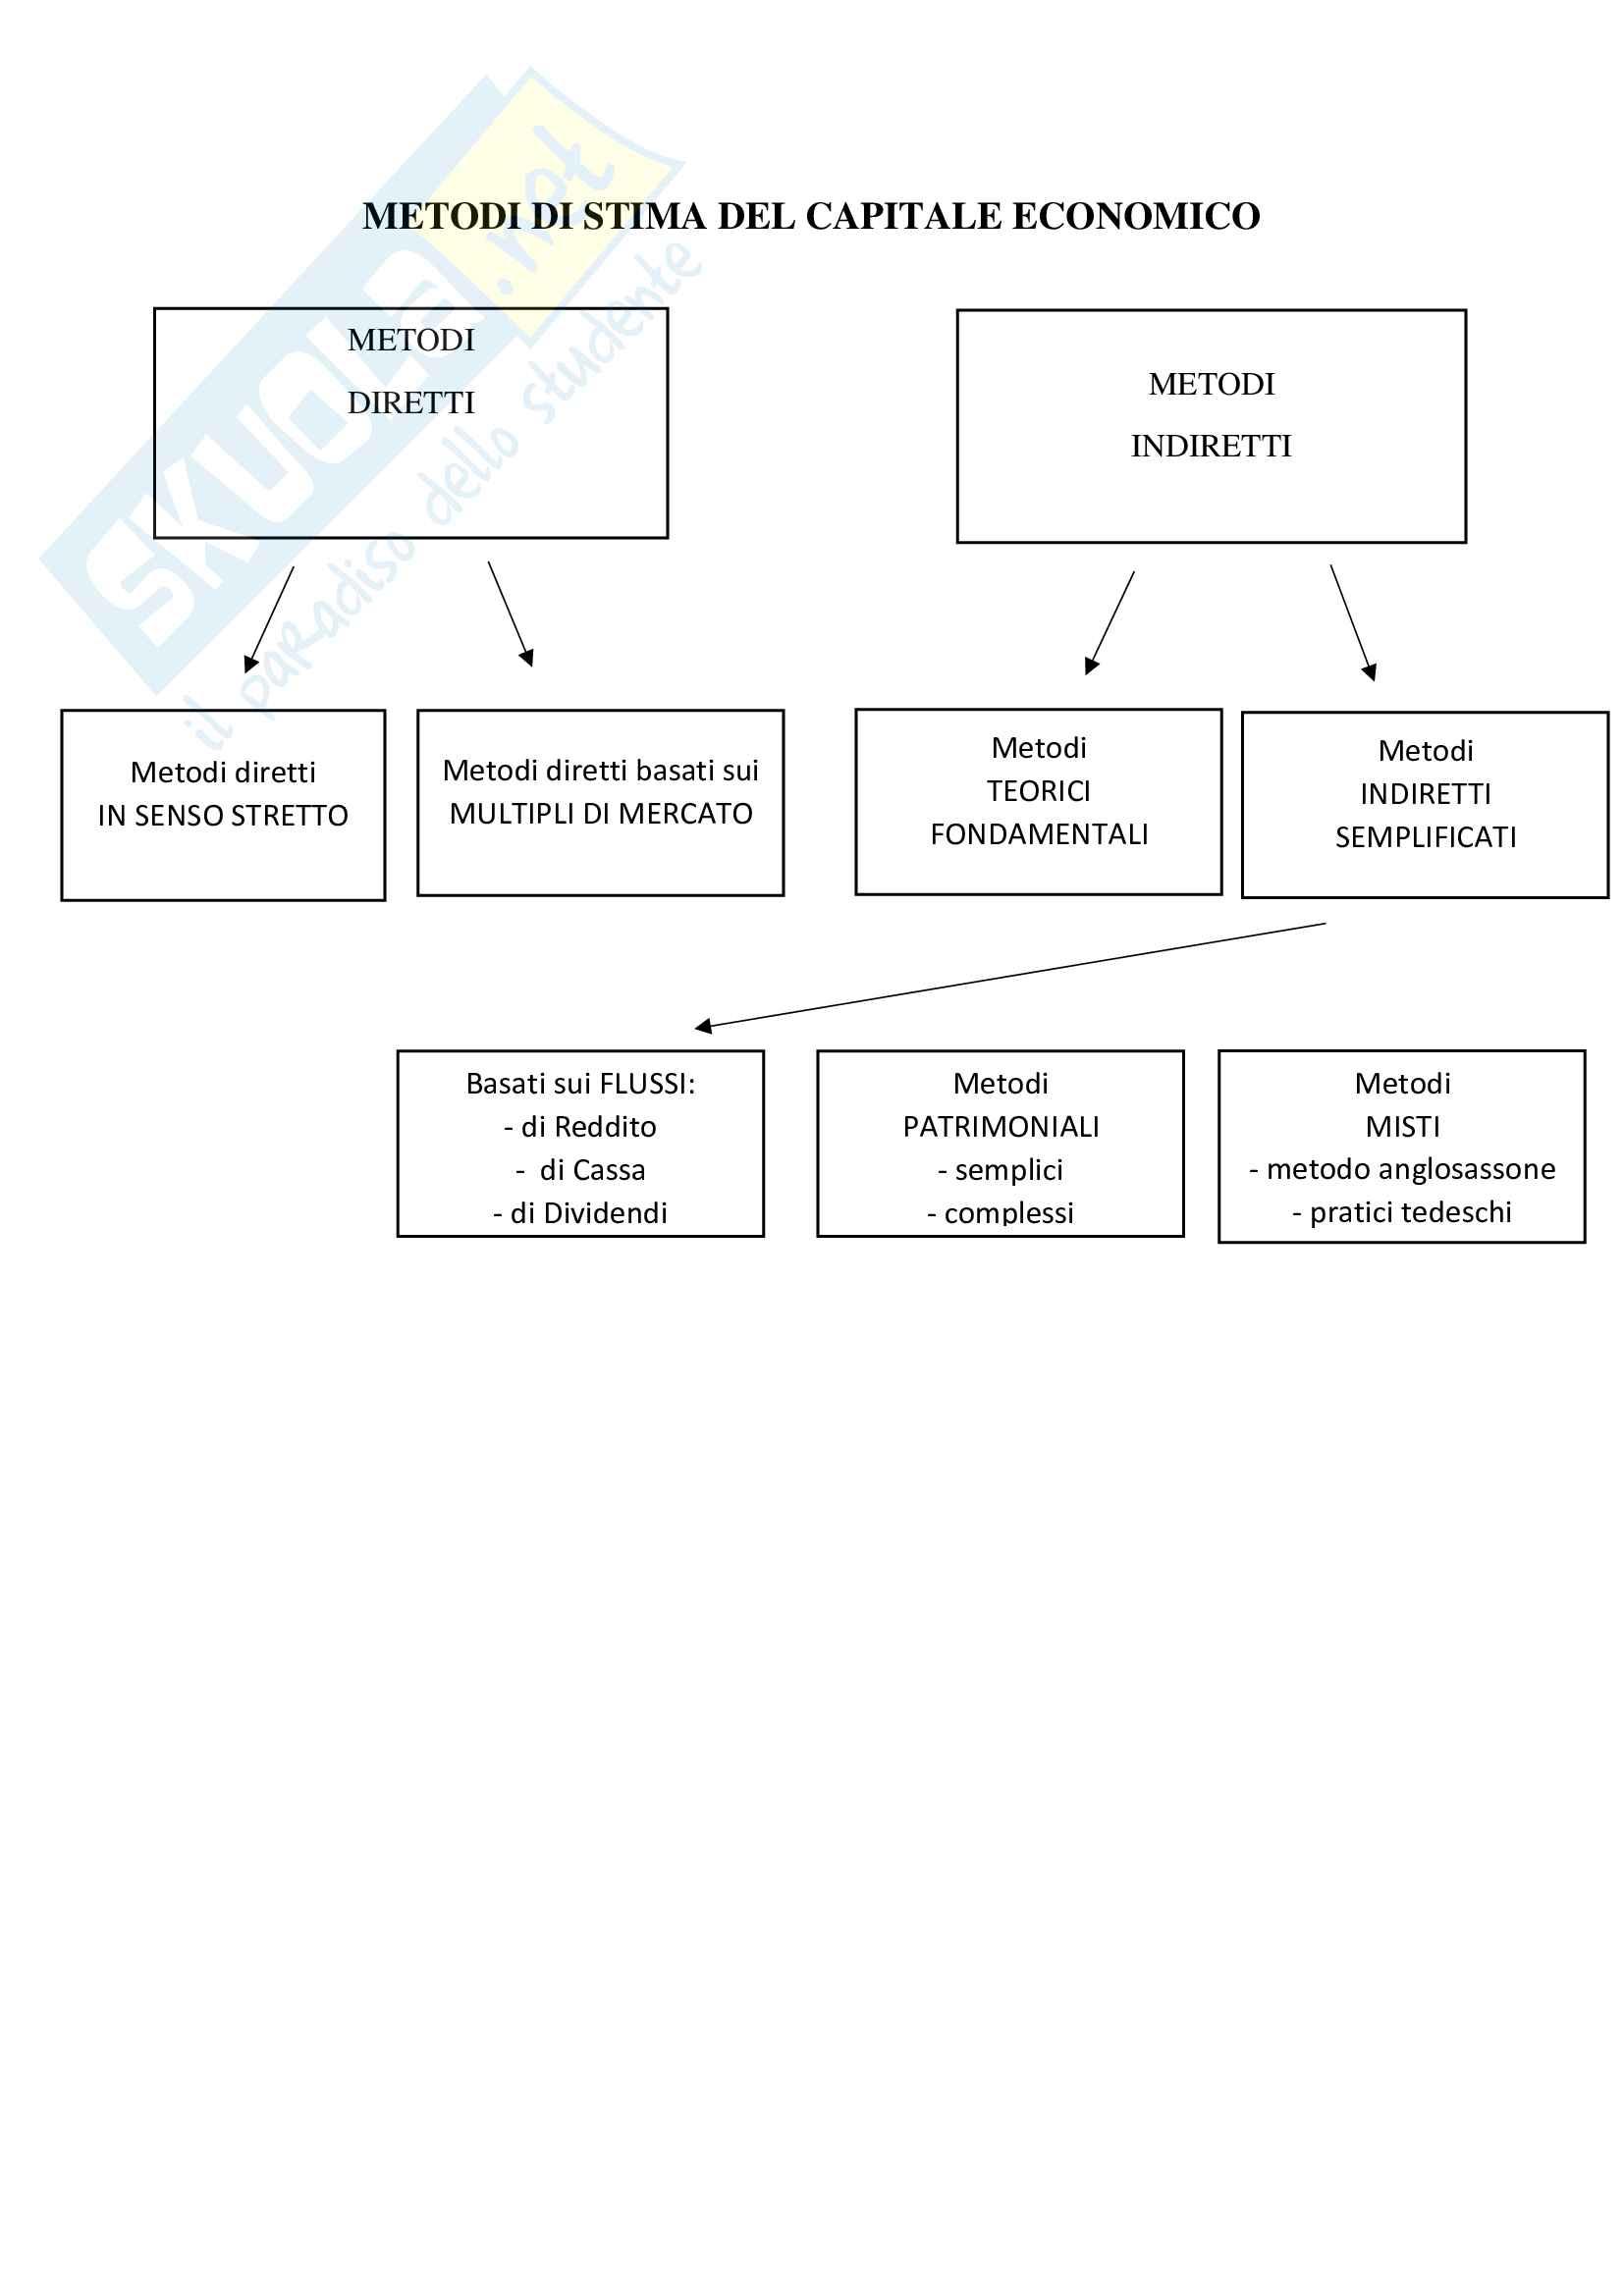 riassunti Valutazione d'azienda - Teoria (Prof Fontana) Pag. 16